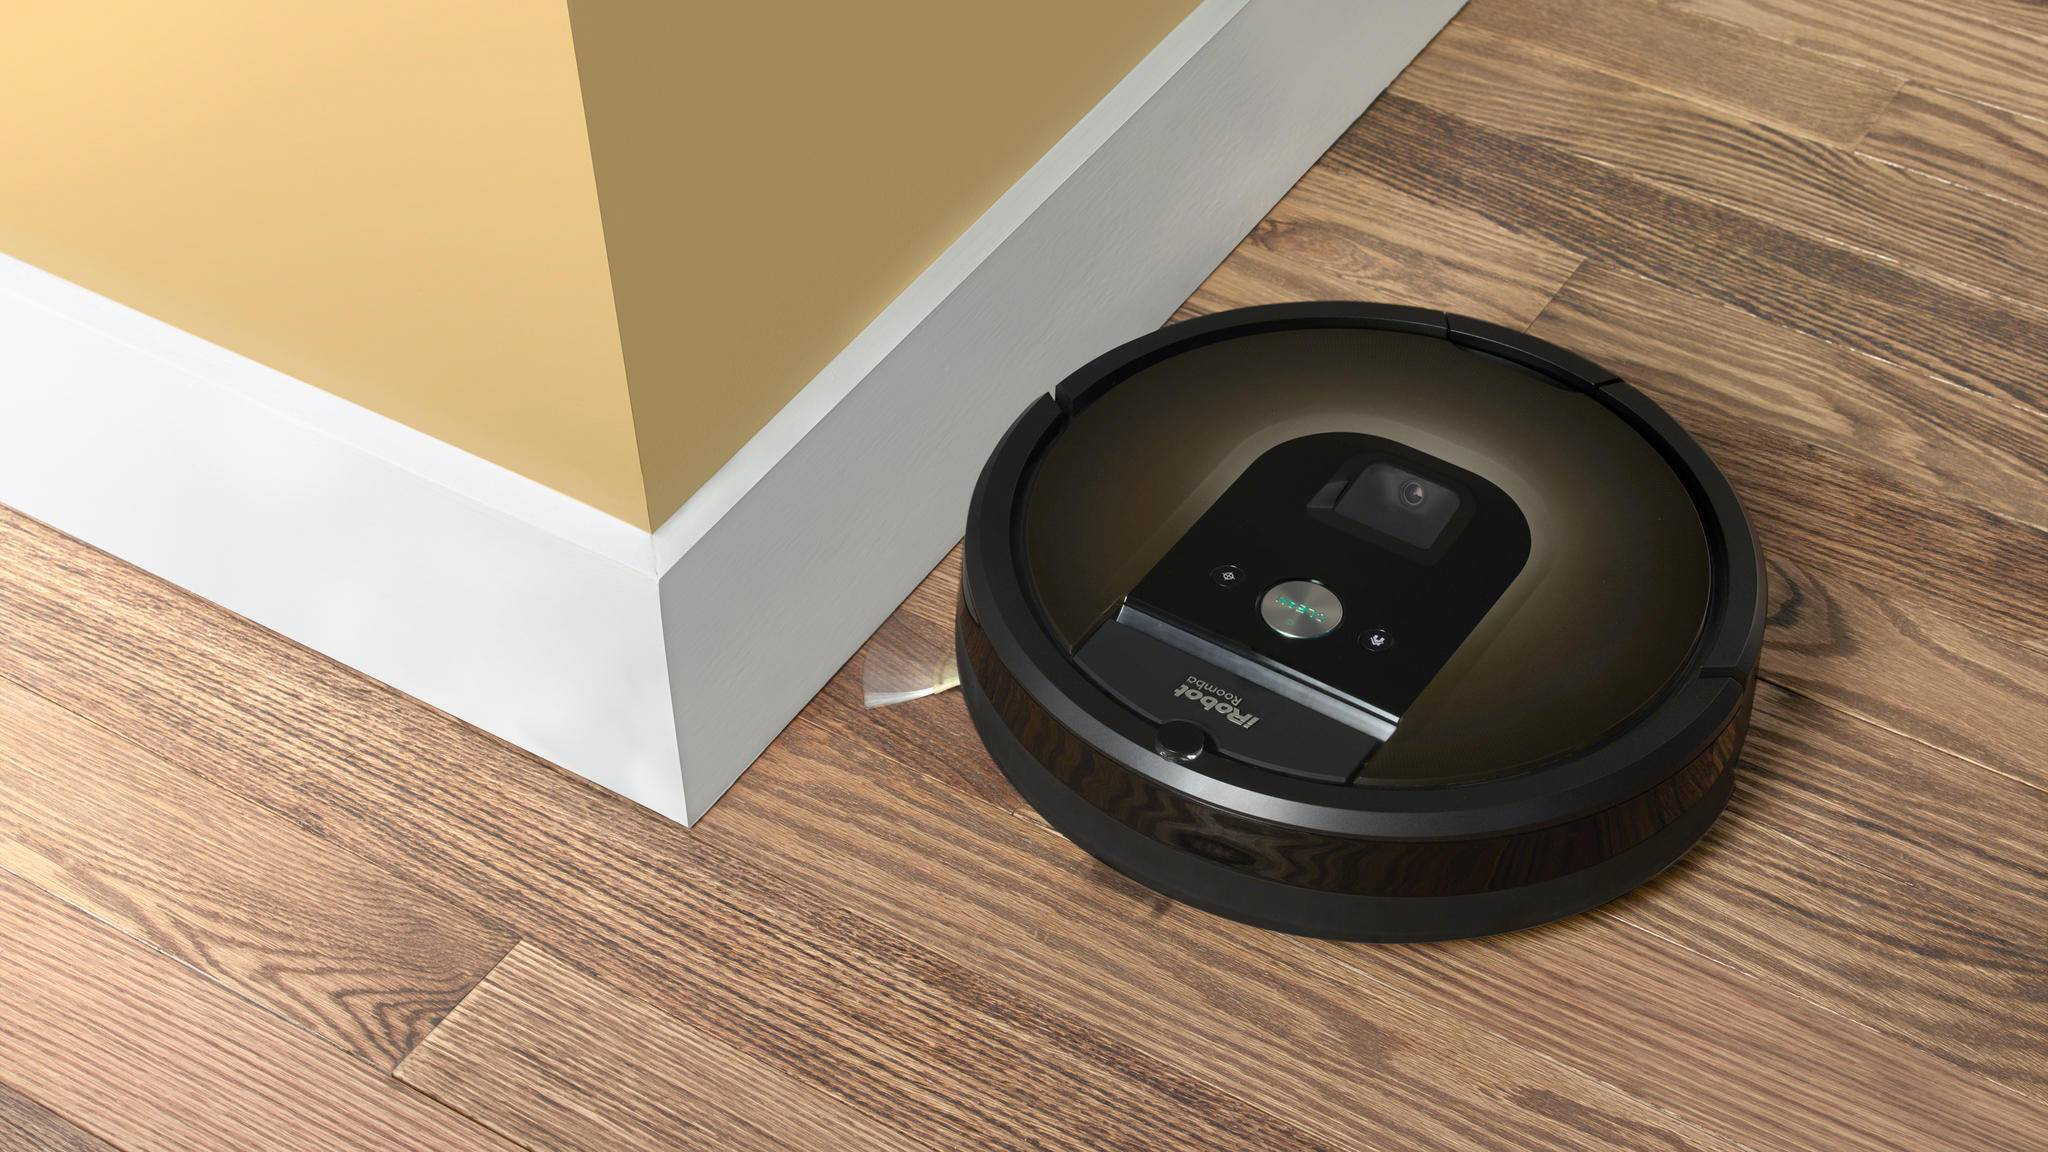 Roombas Putzpläne erschließen neue Spielewelten.